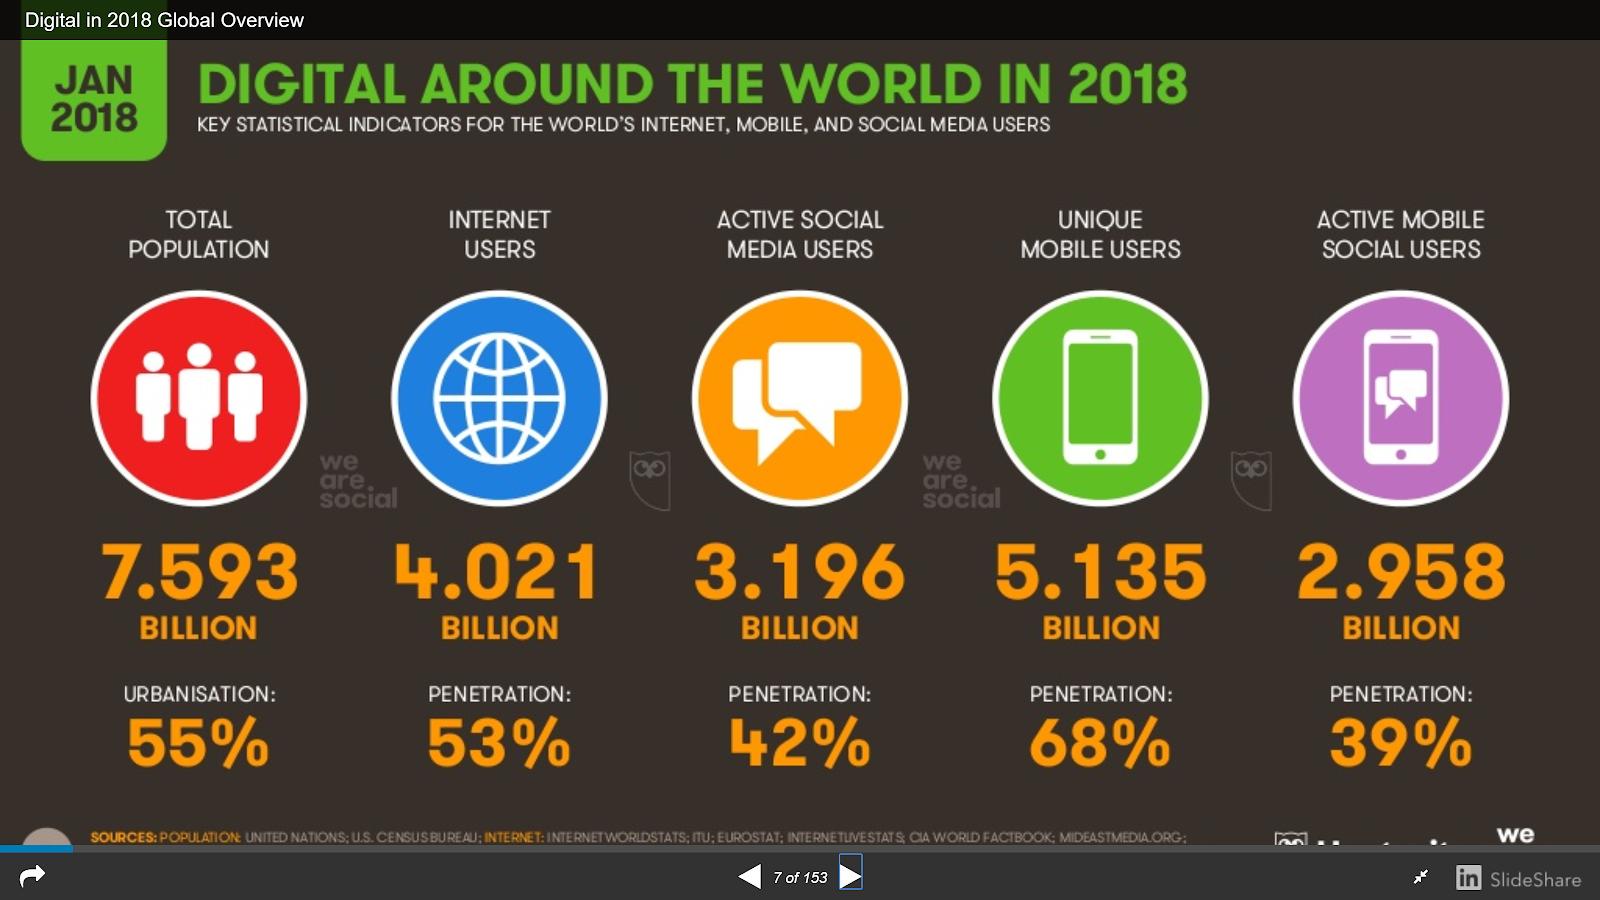 Social media users in 2018